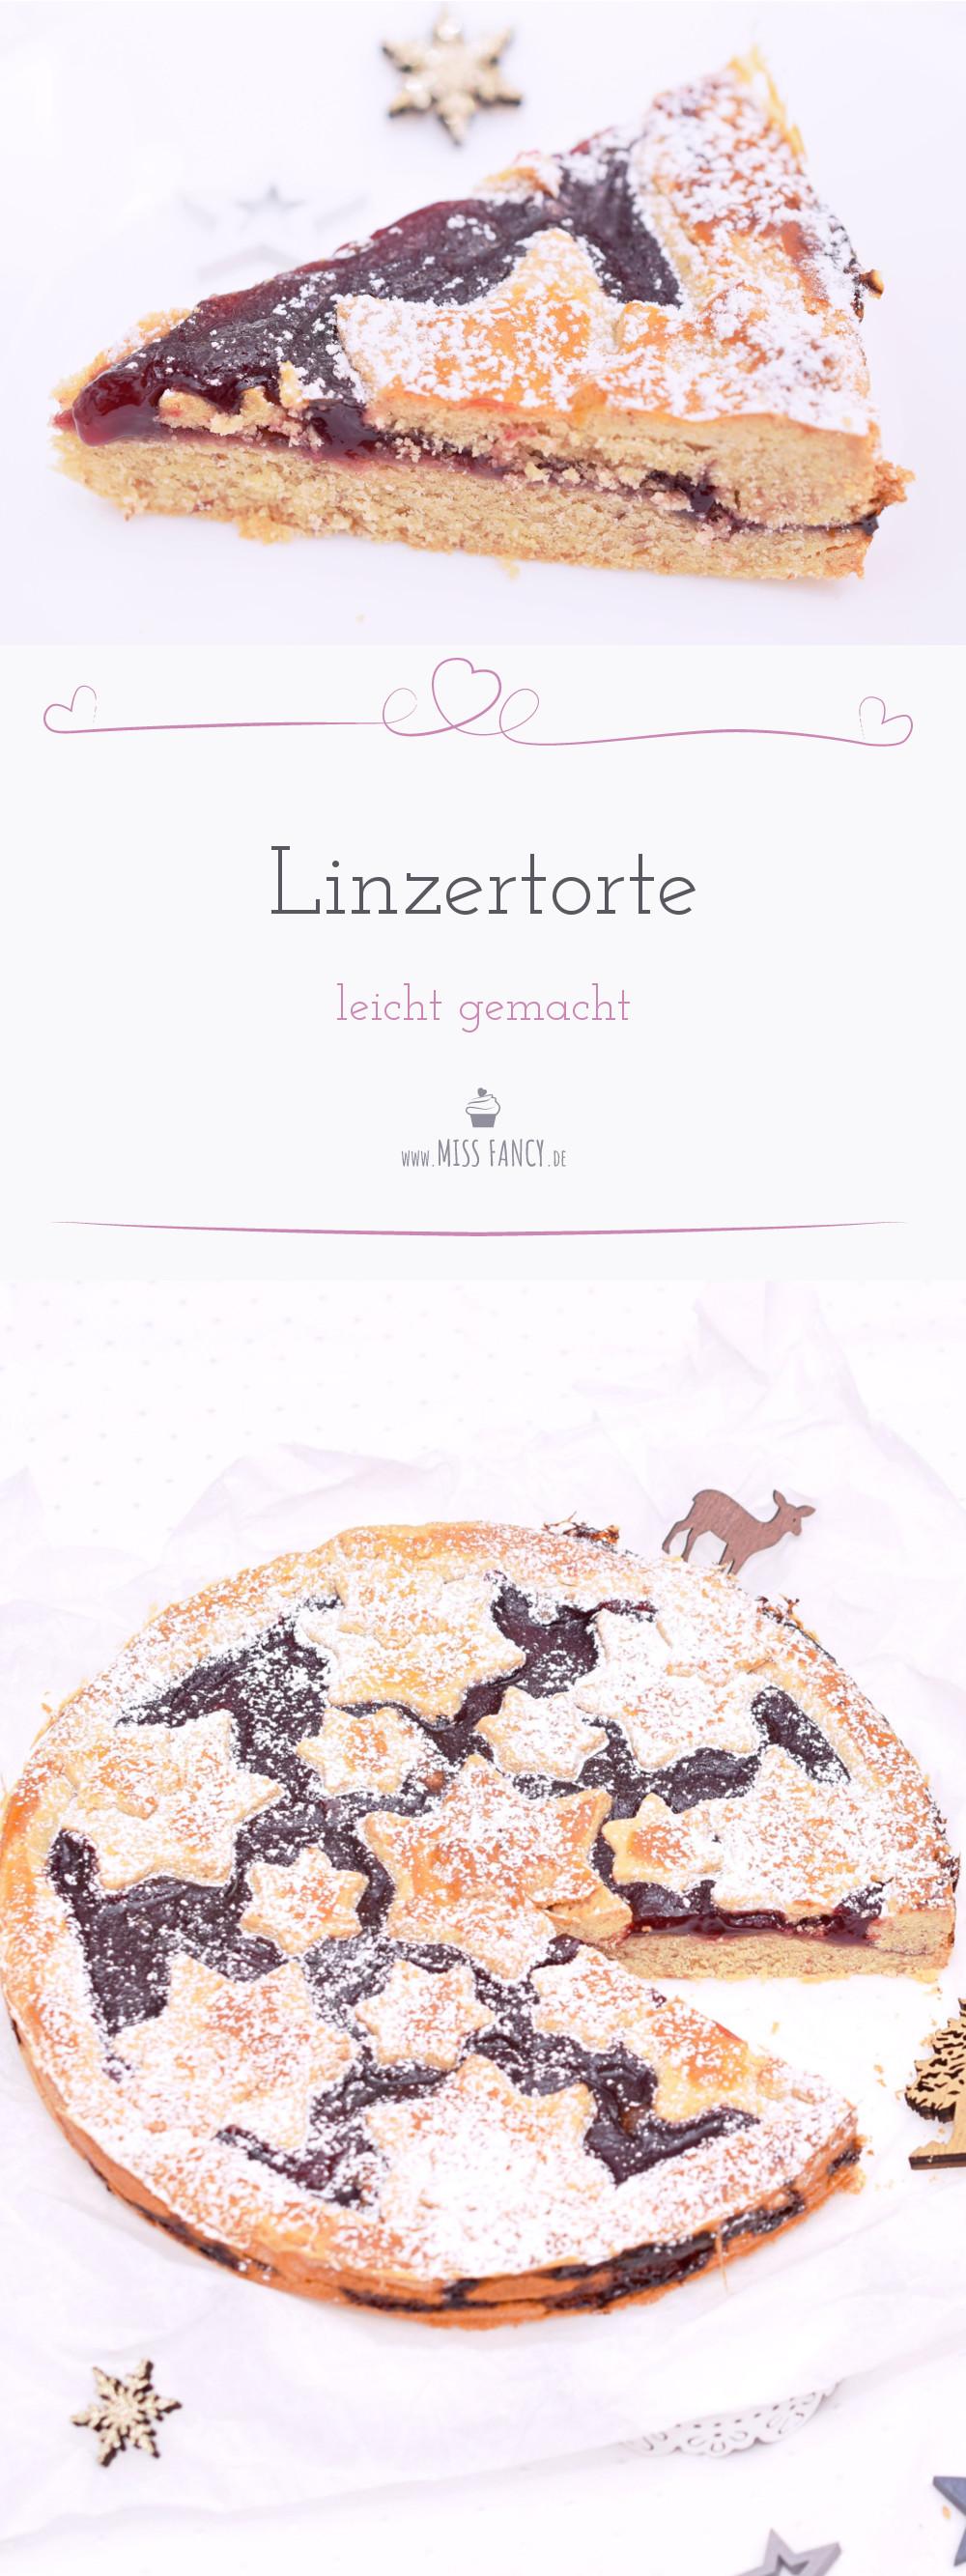 Rezept-Linzertorte-leicht-gemacht